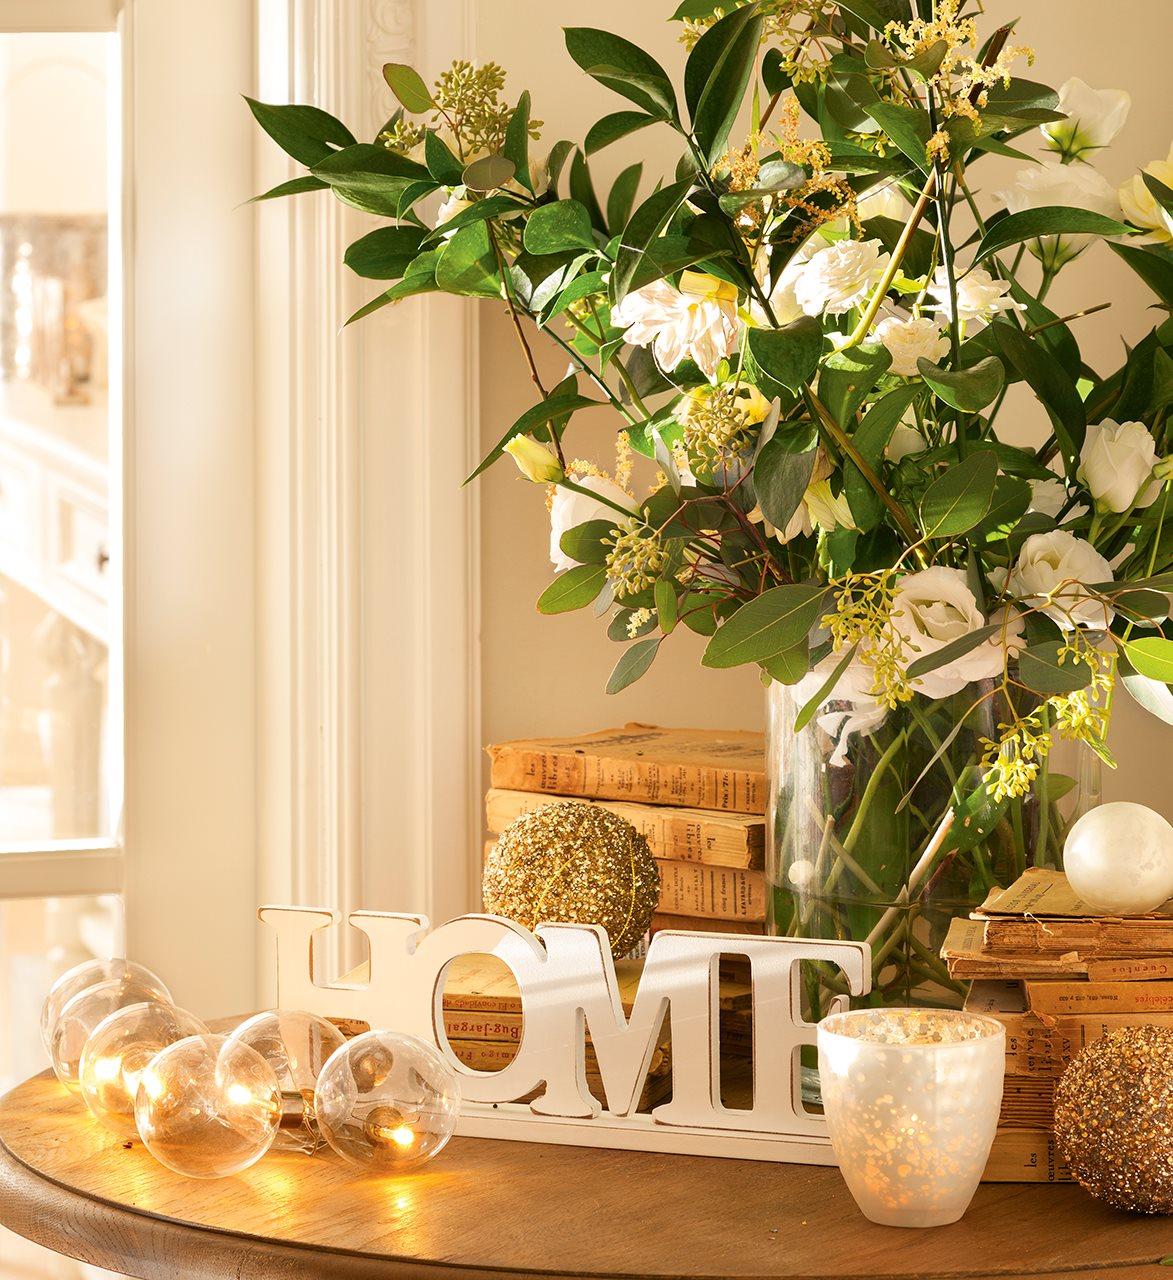 15 ideas para decorar la casa esta Navidad